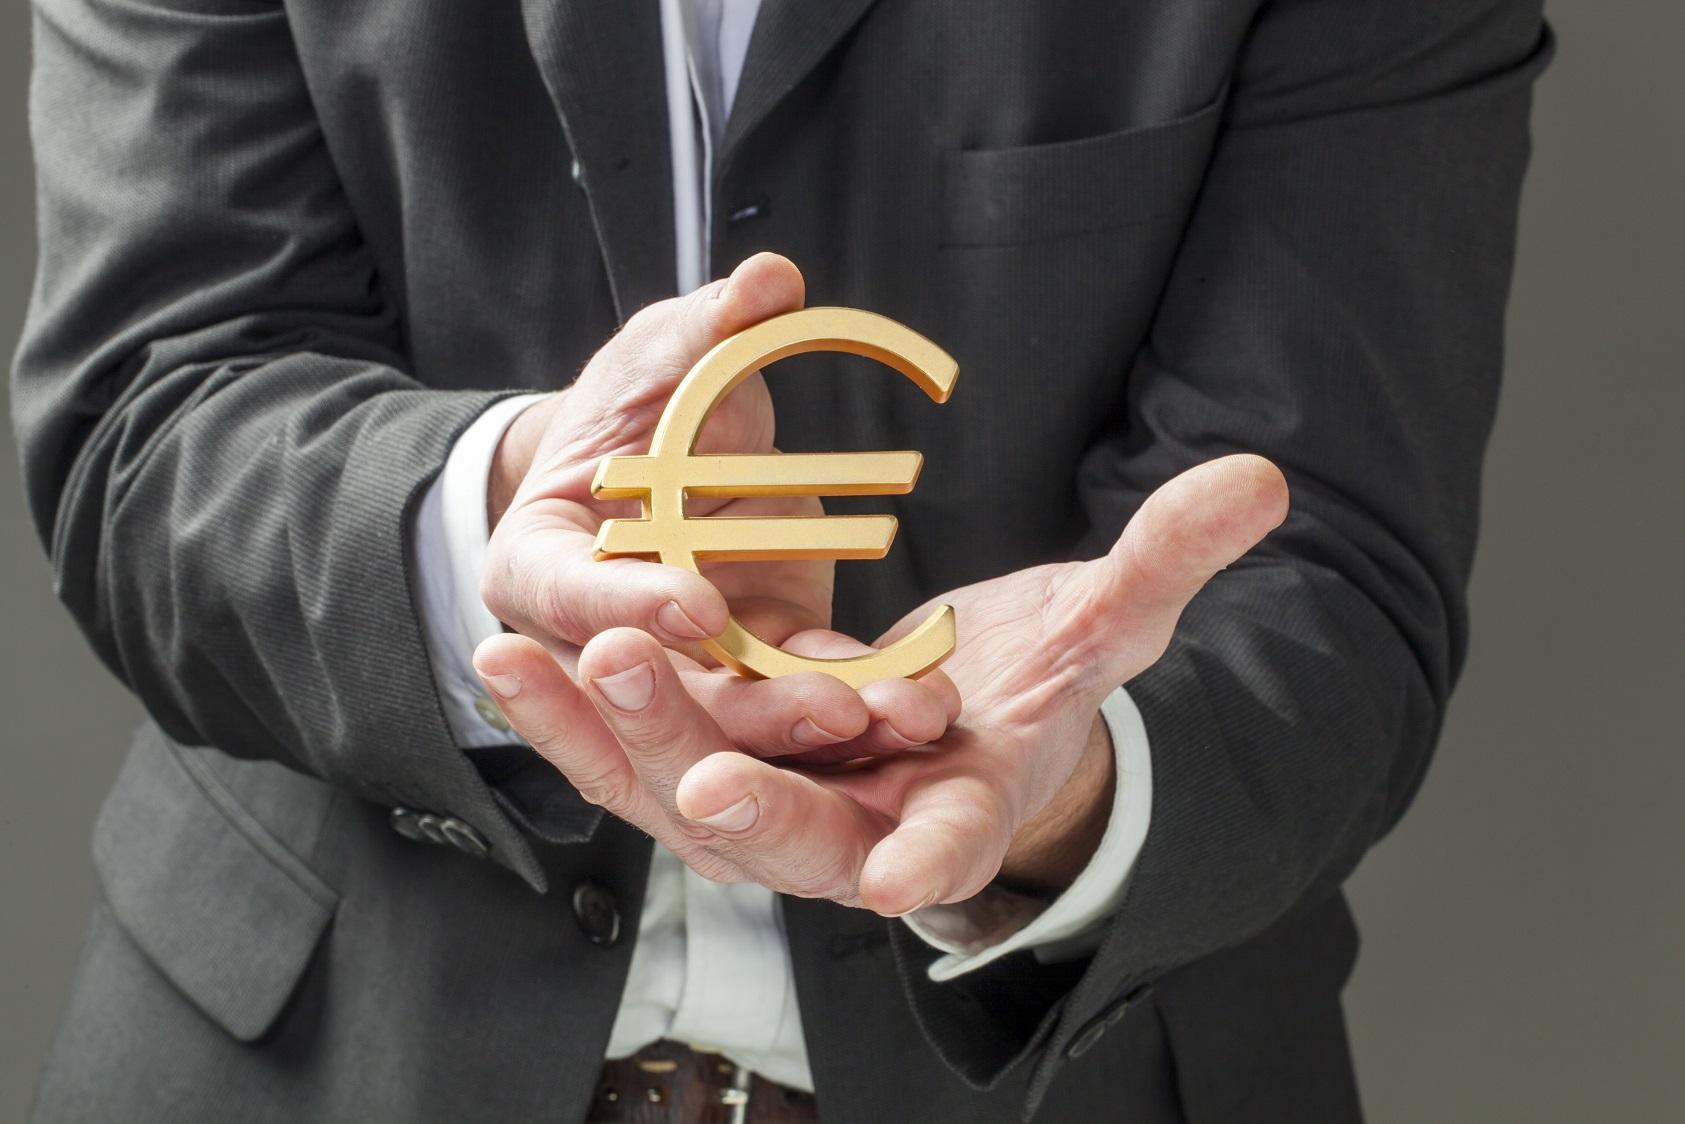 Los bancos deberán pagar todos los intereses por los gastos de gestoría y tasación en las hipotecas